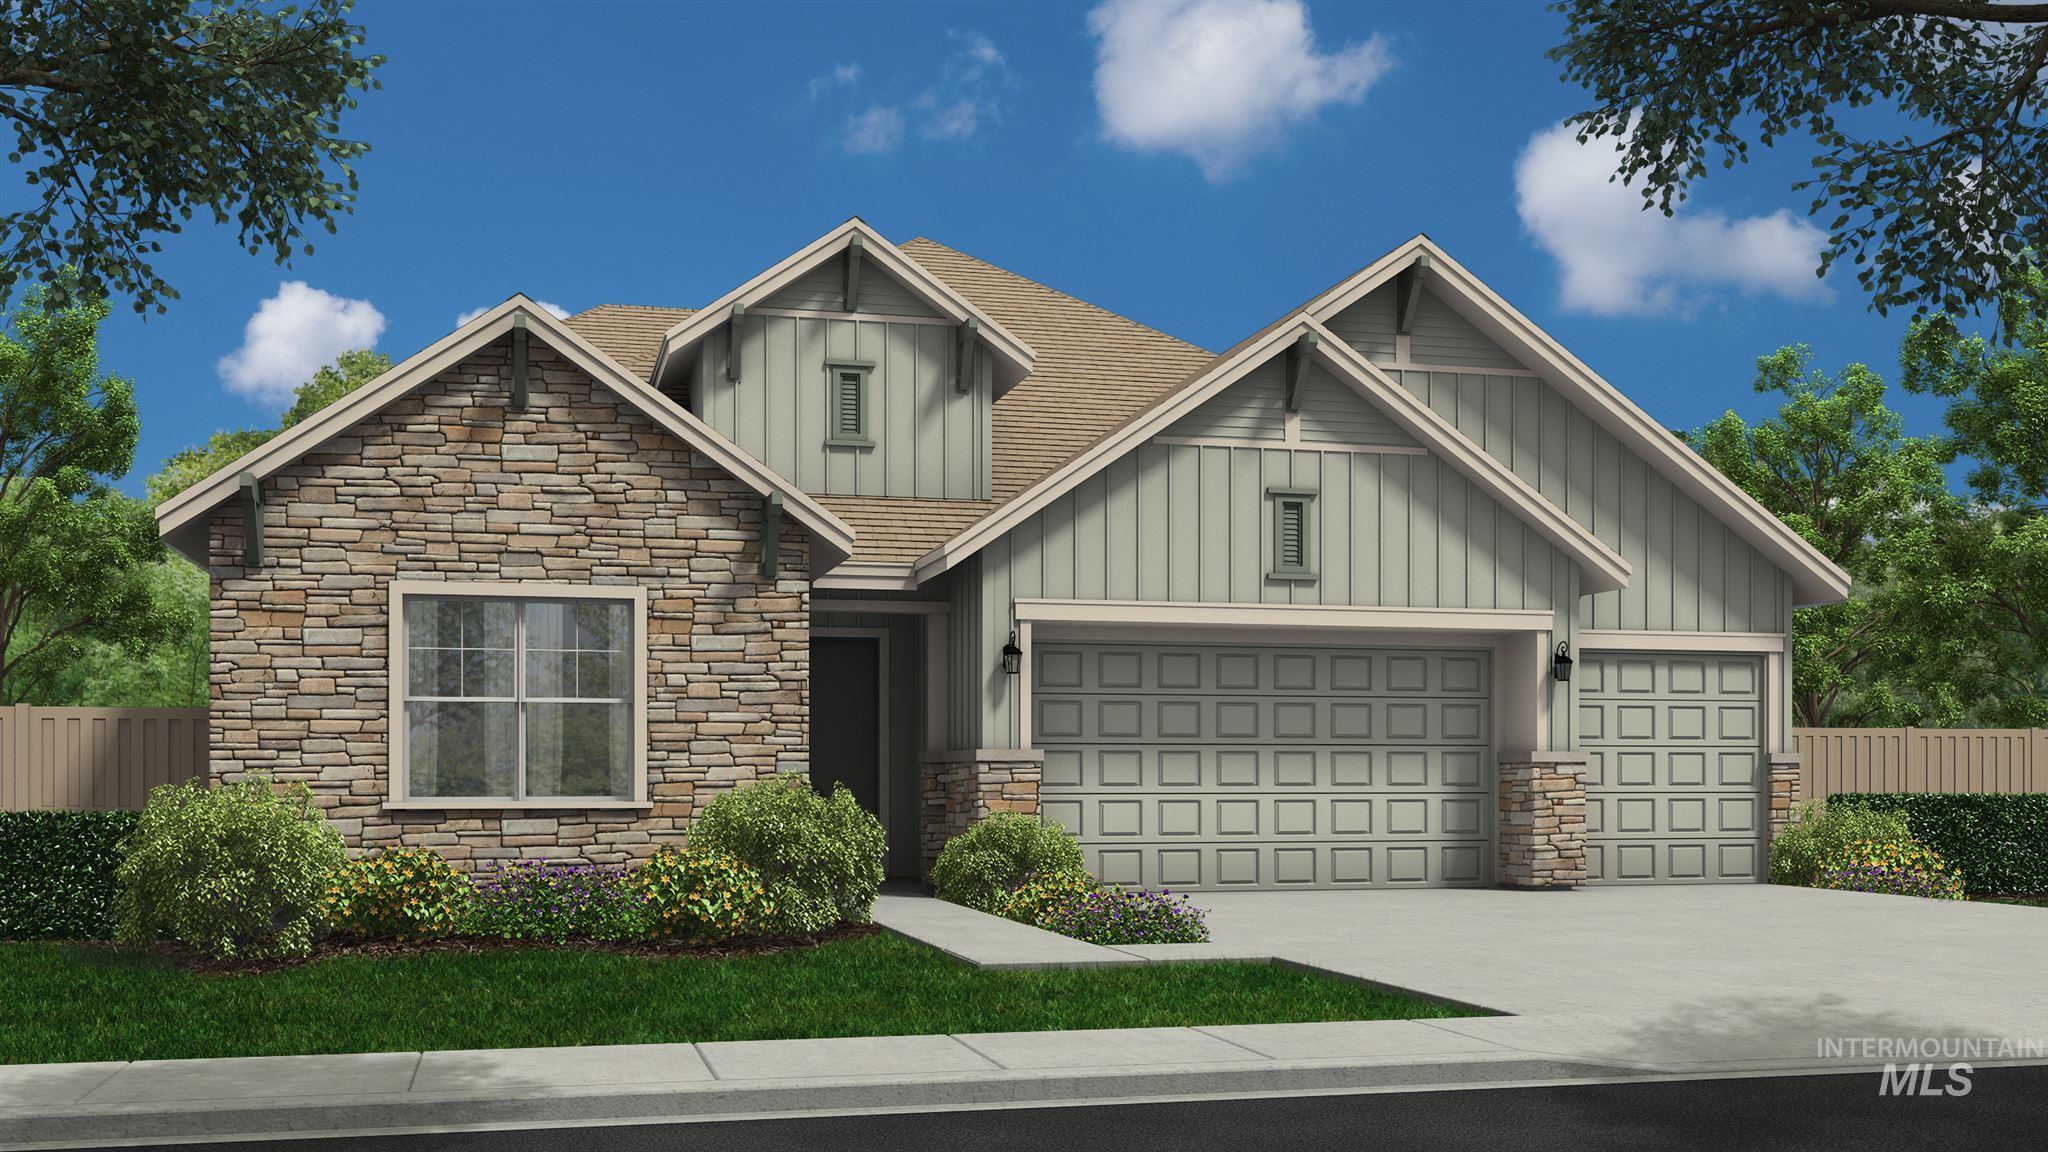 1425 N Diadora Ave, Eagle, ID 83616